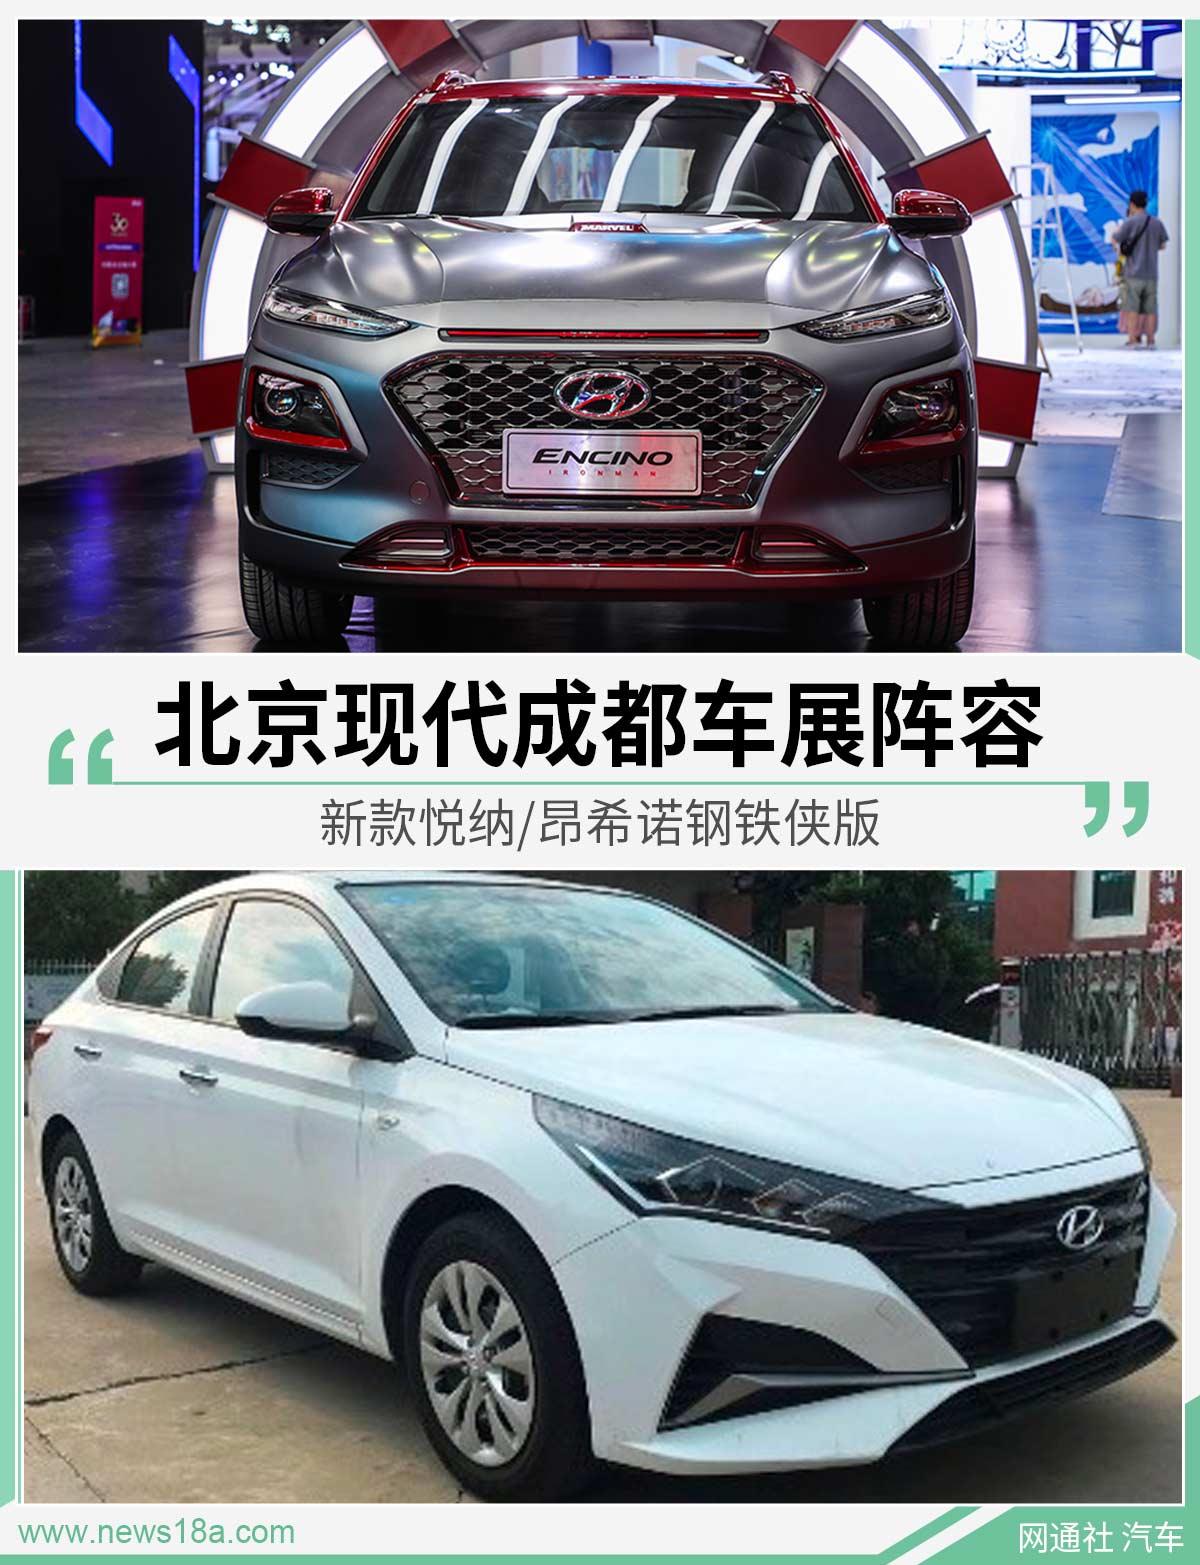 热文:新款悦纳/昂希诺钢铁侠版北京现代成都车展阵容